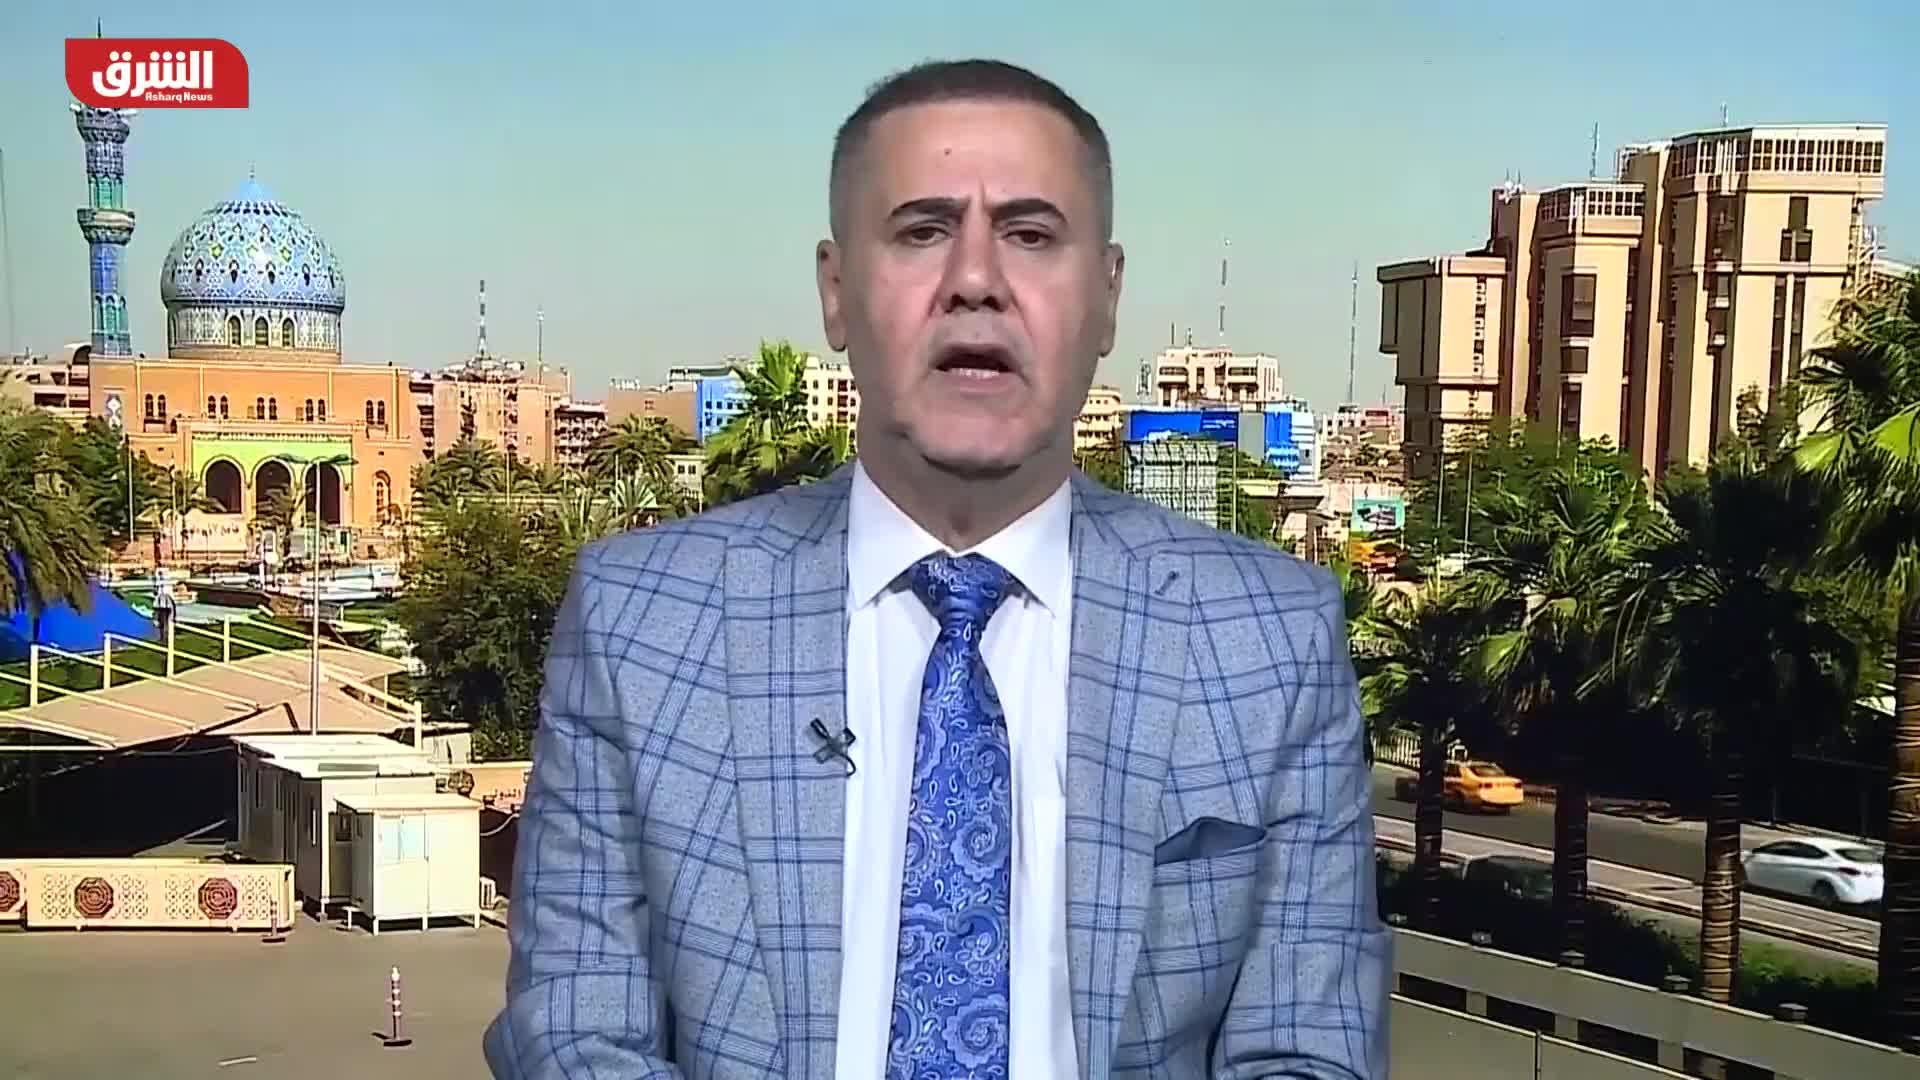 العراق.. ما المقصود بالتصريحات التي أطلقها مقتدى الصدر حول التعامل بحزم ضد من يتعدى على القانون؟